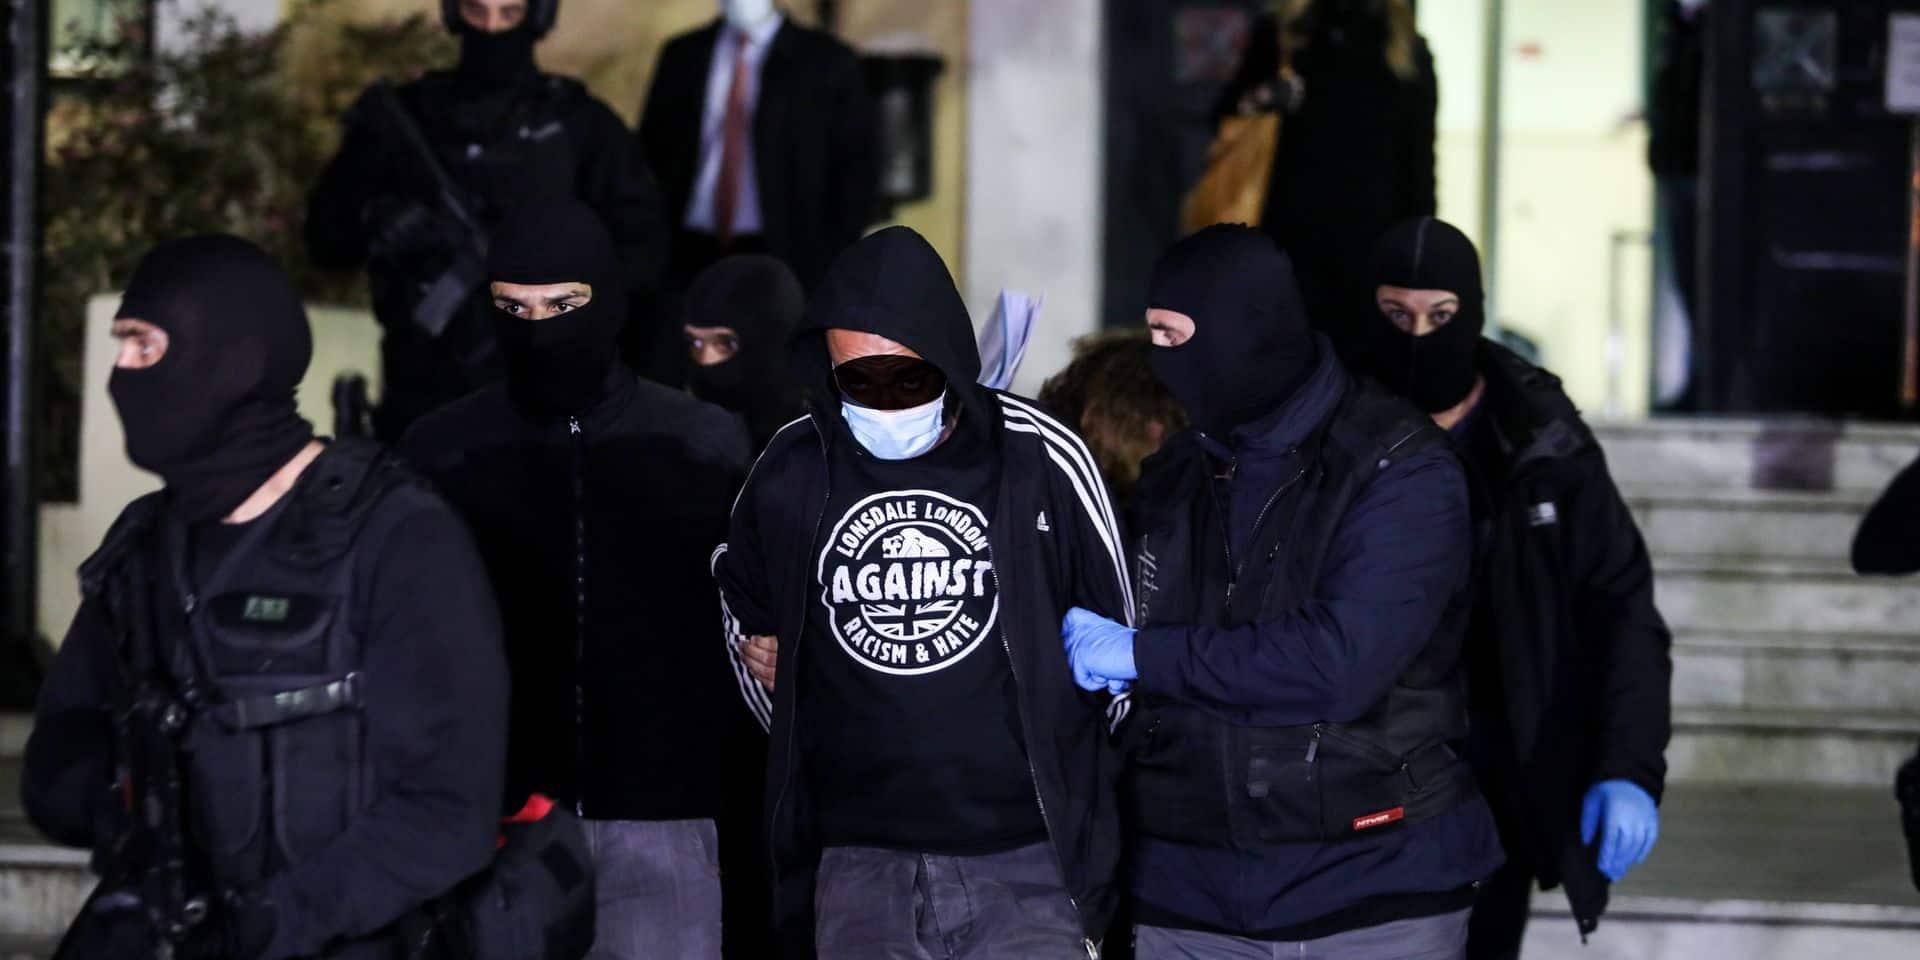 Athen - Nach Angaben der Polizei spielten vier Gruppen von Hooligans eine gewichtige Rolle bei den Zusammenstößen von D